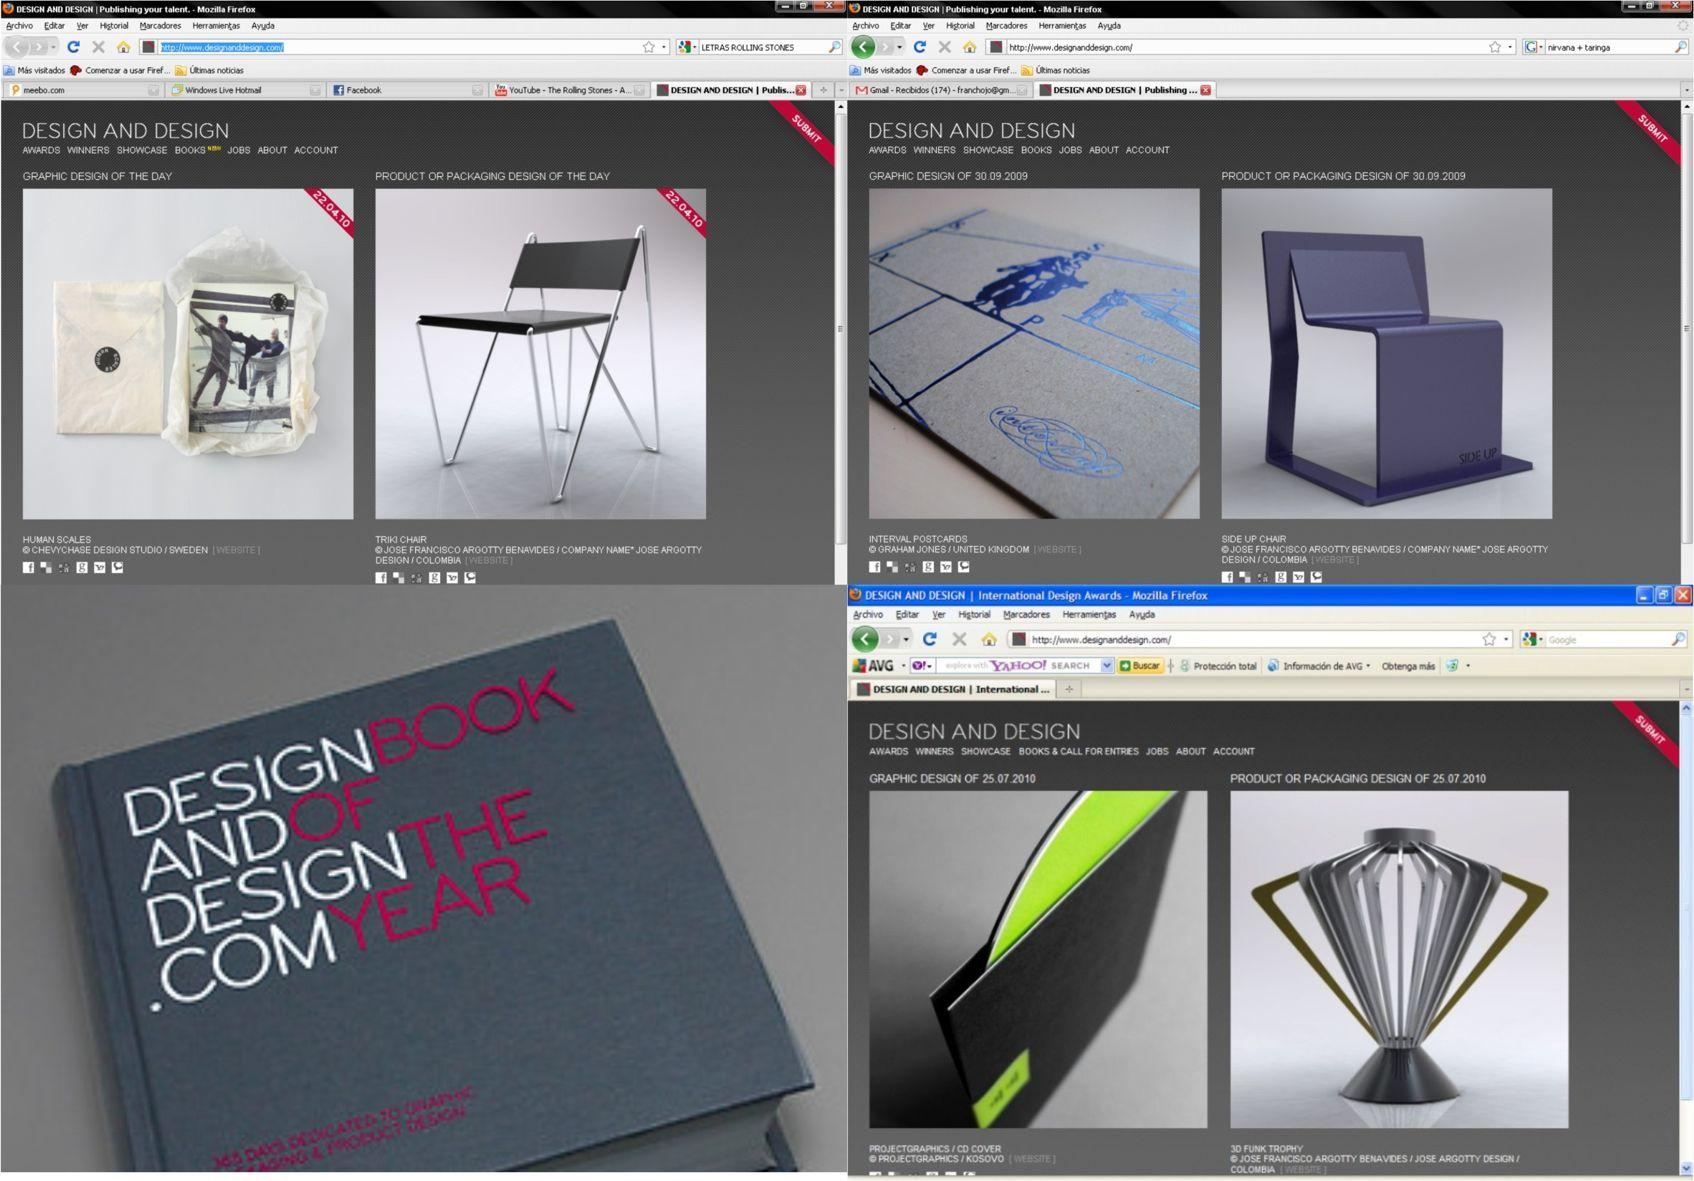 Design and Design Book Francia 1 >> Entrevista al diseñador social Jóse Argotty%disenosocial